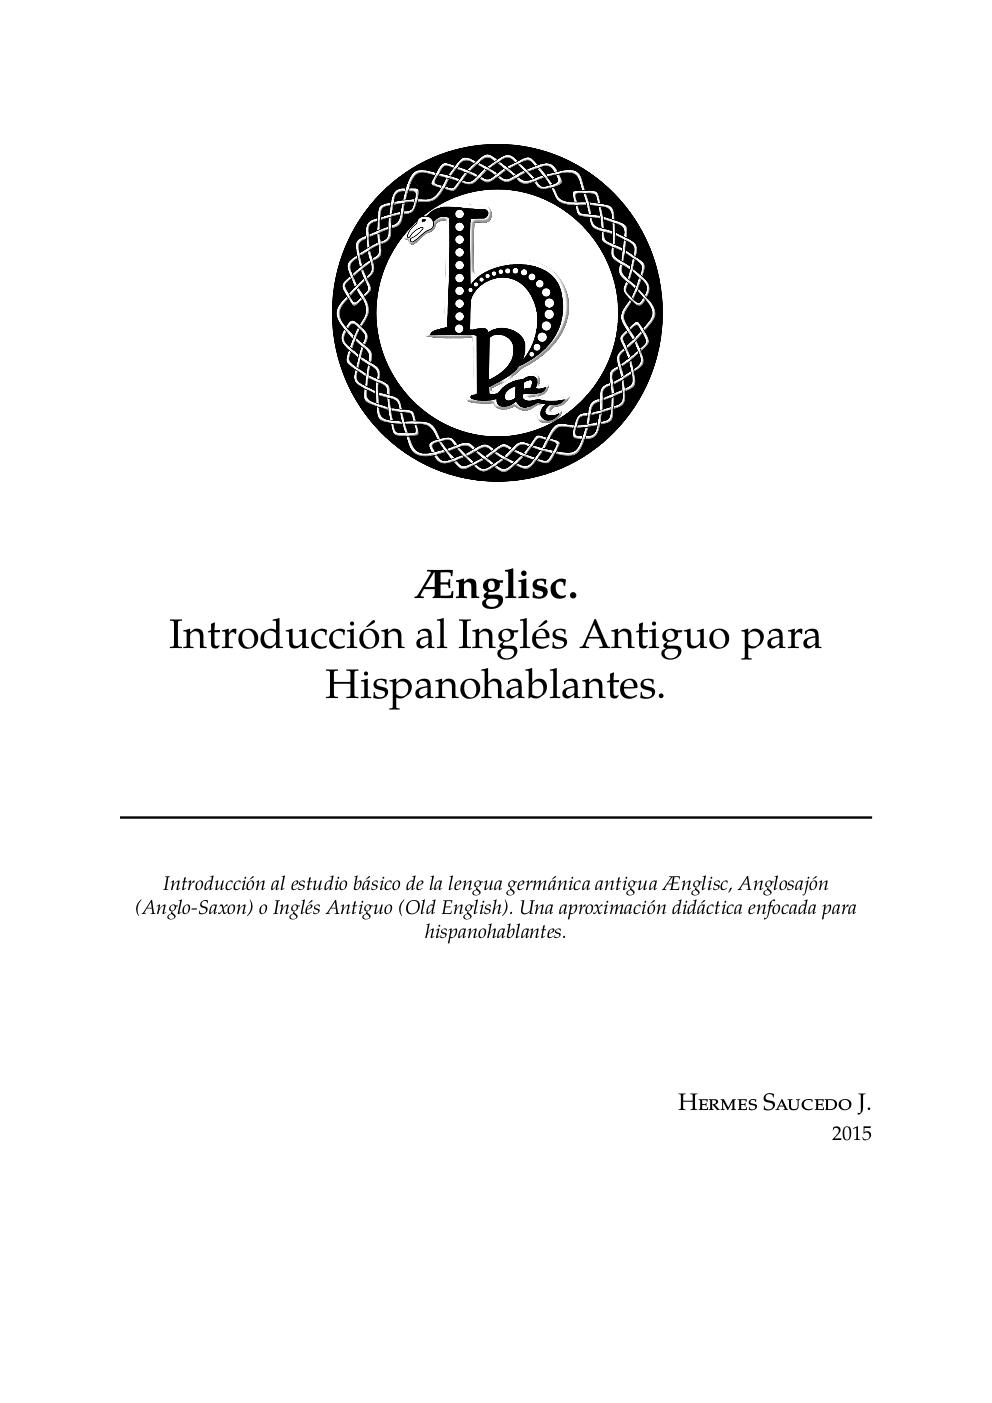 aenglisc